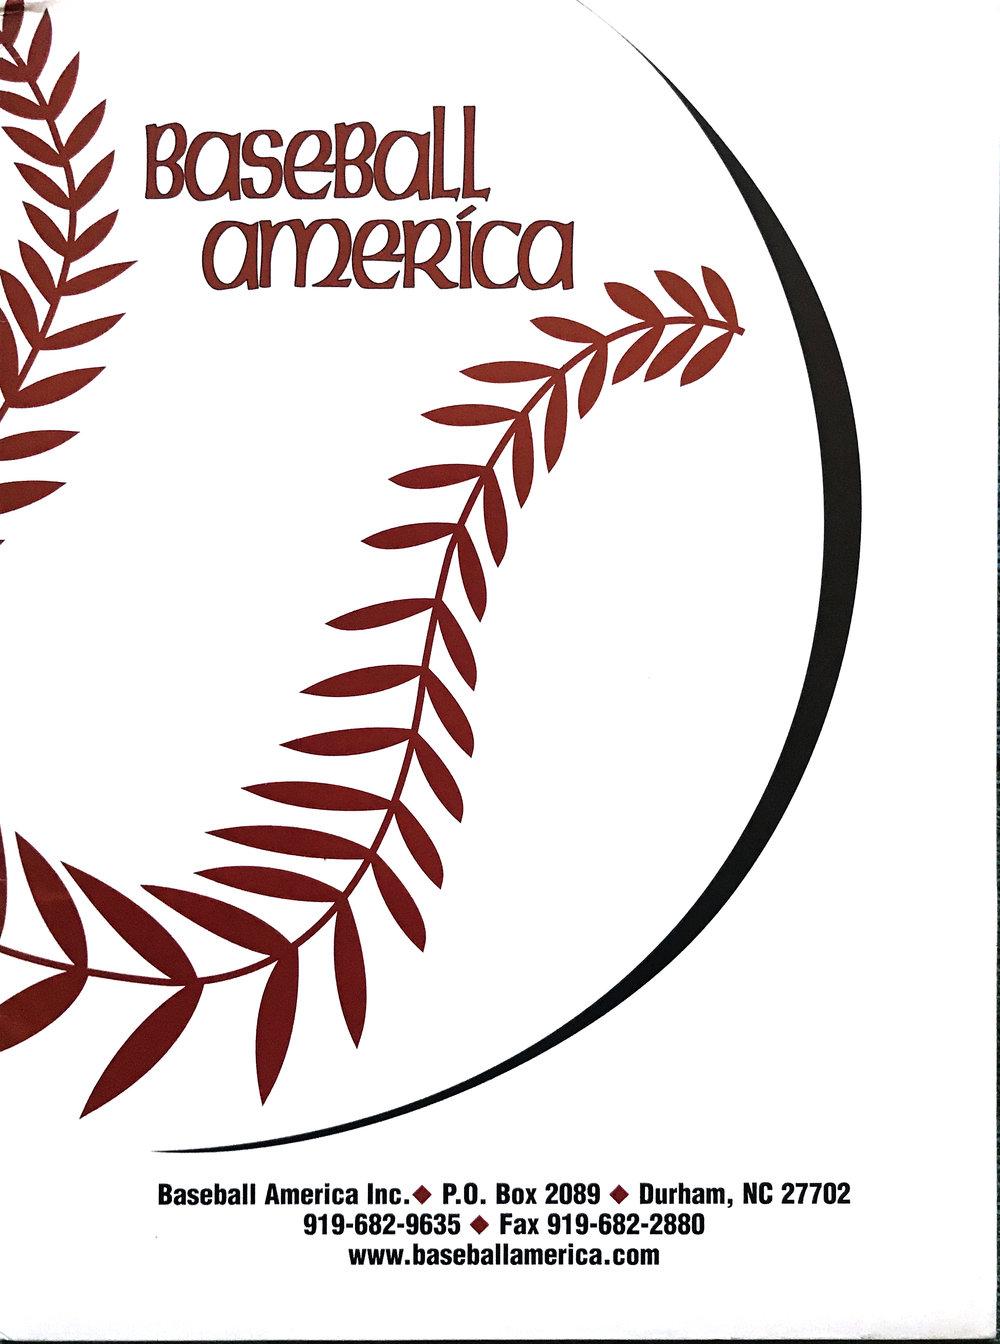 Baseball America Promotional folder